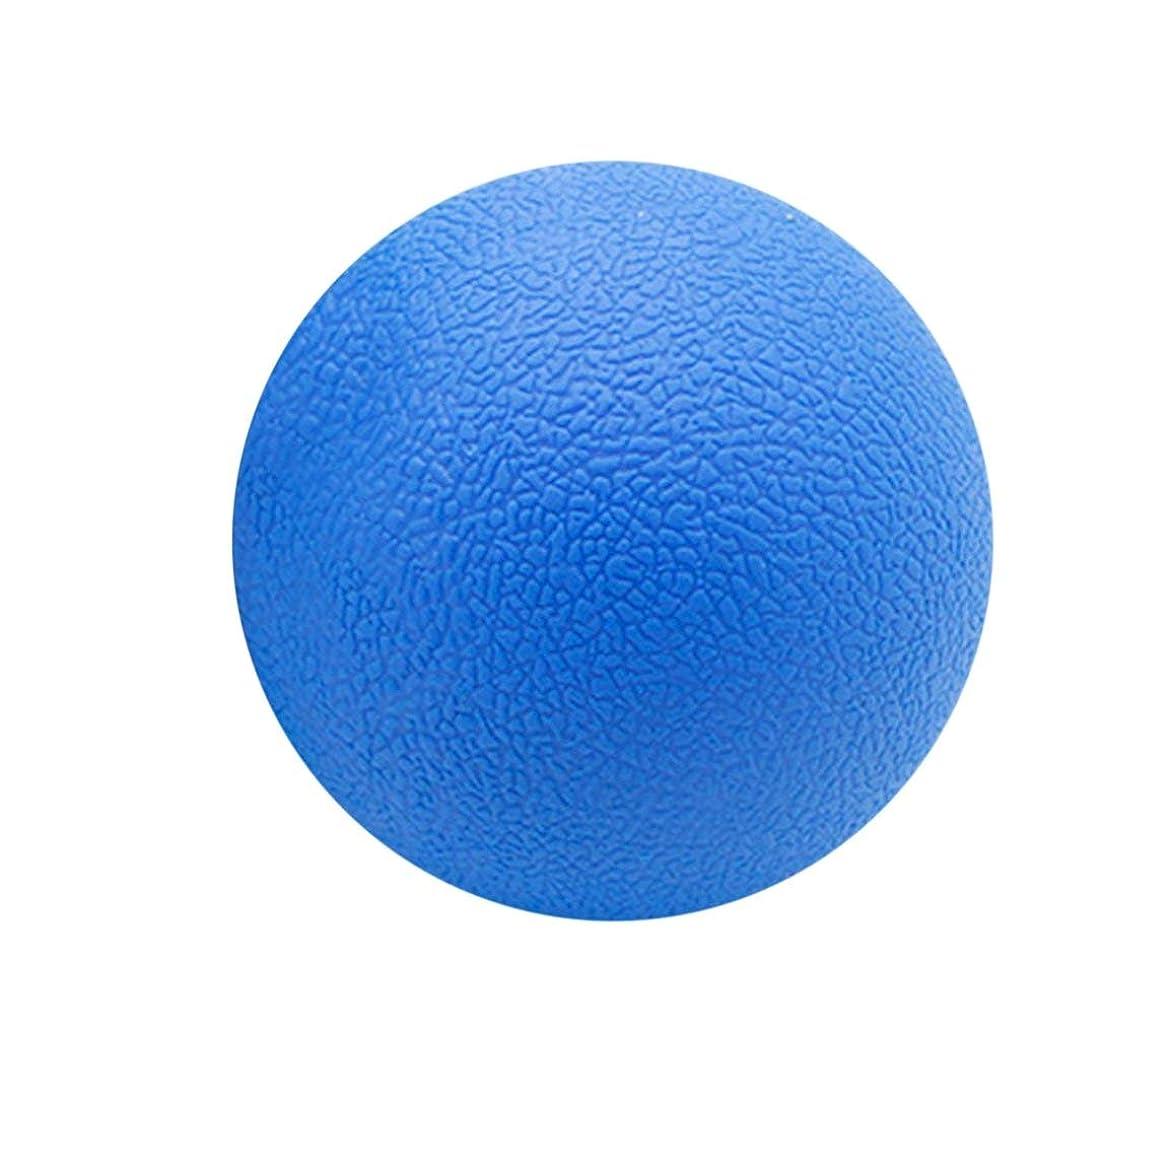 氷ジャケット多分フィットネス緩和ジムシングルボールマッサージボールトレーニングフェイシアホッケーボール6.3 cmマッサージフィットネスボールリラックスマッスルボール - ブルー